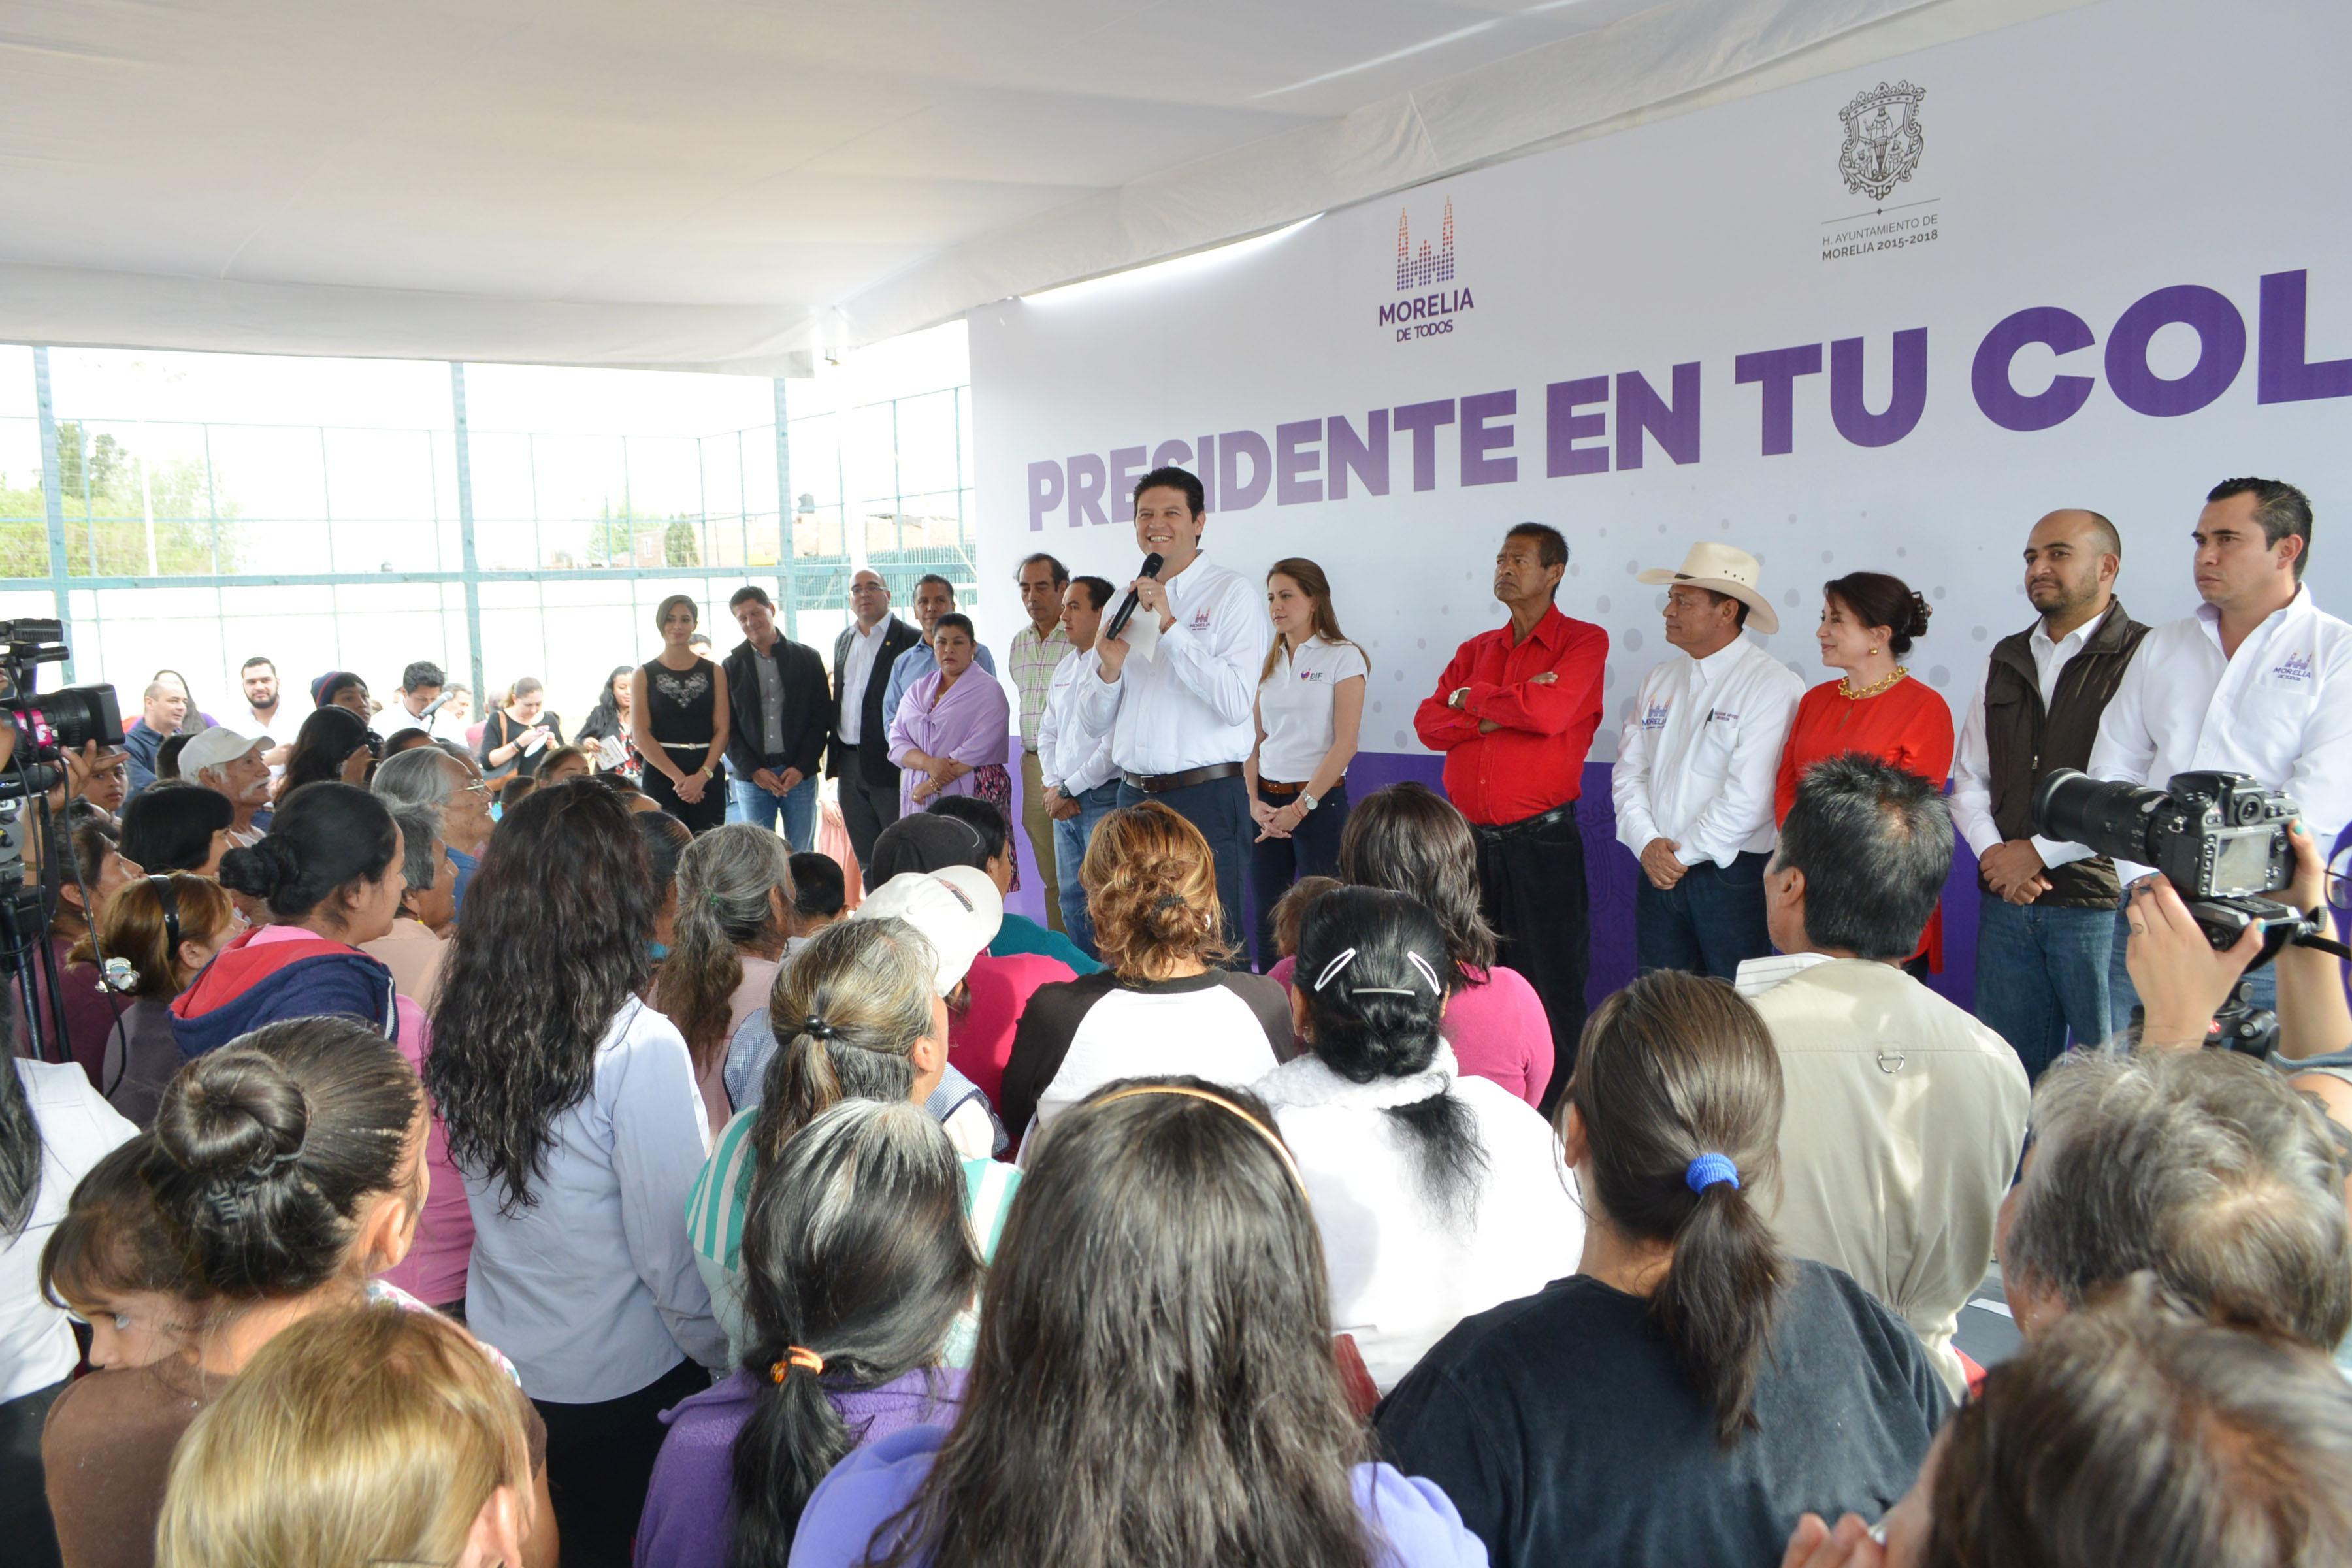 La cita es a partir de las 16:00 horas en el Centro Comunitario ubicado en la calle Juana Bautista Márquez S/N